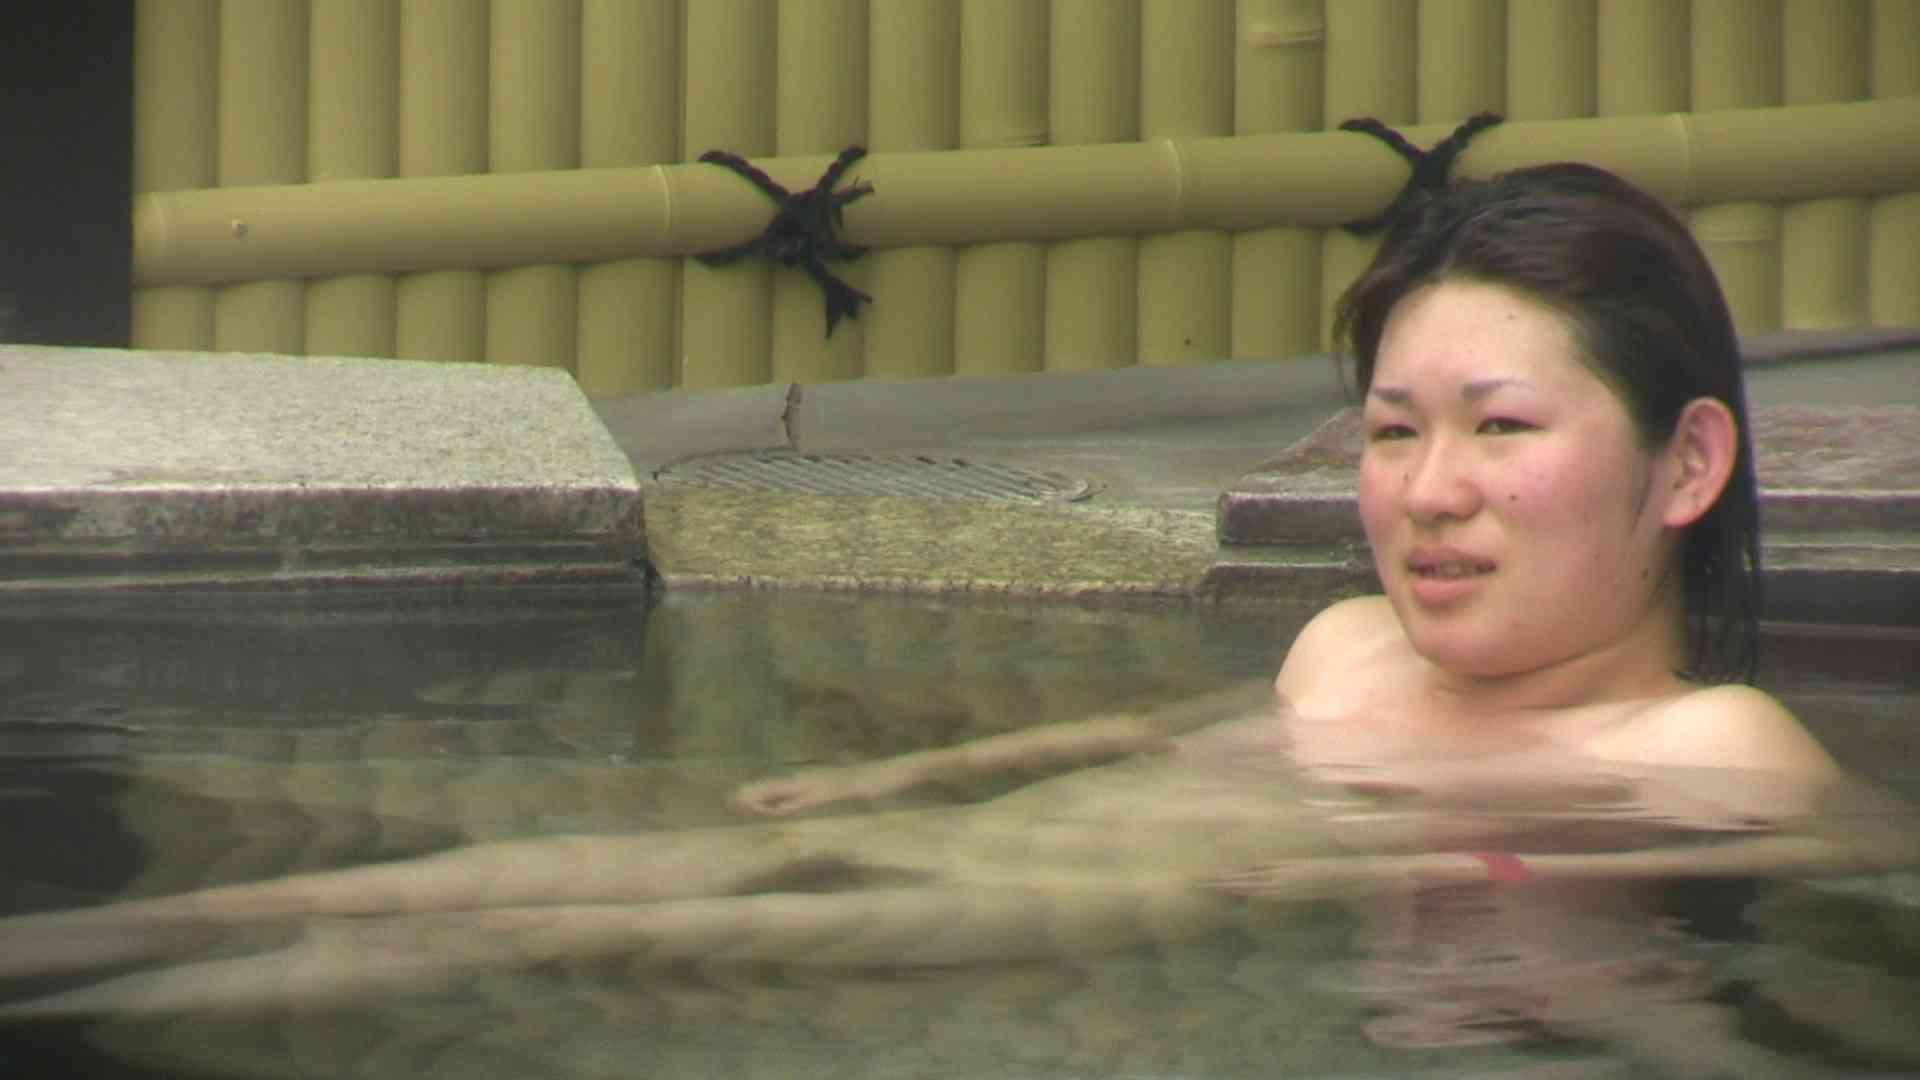 Aquaな露天風呂Vol.673 0   0  91pic 87